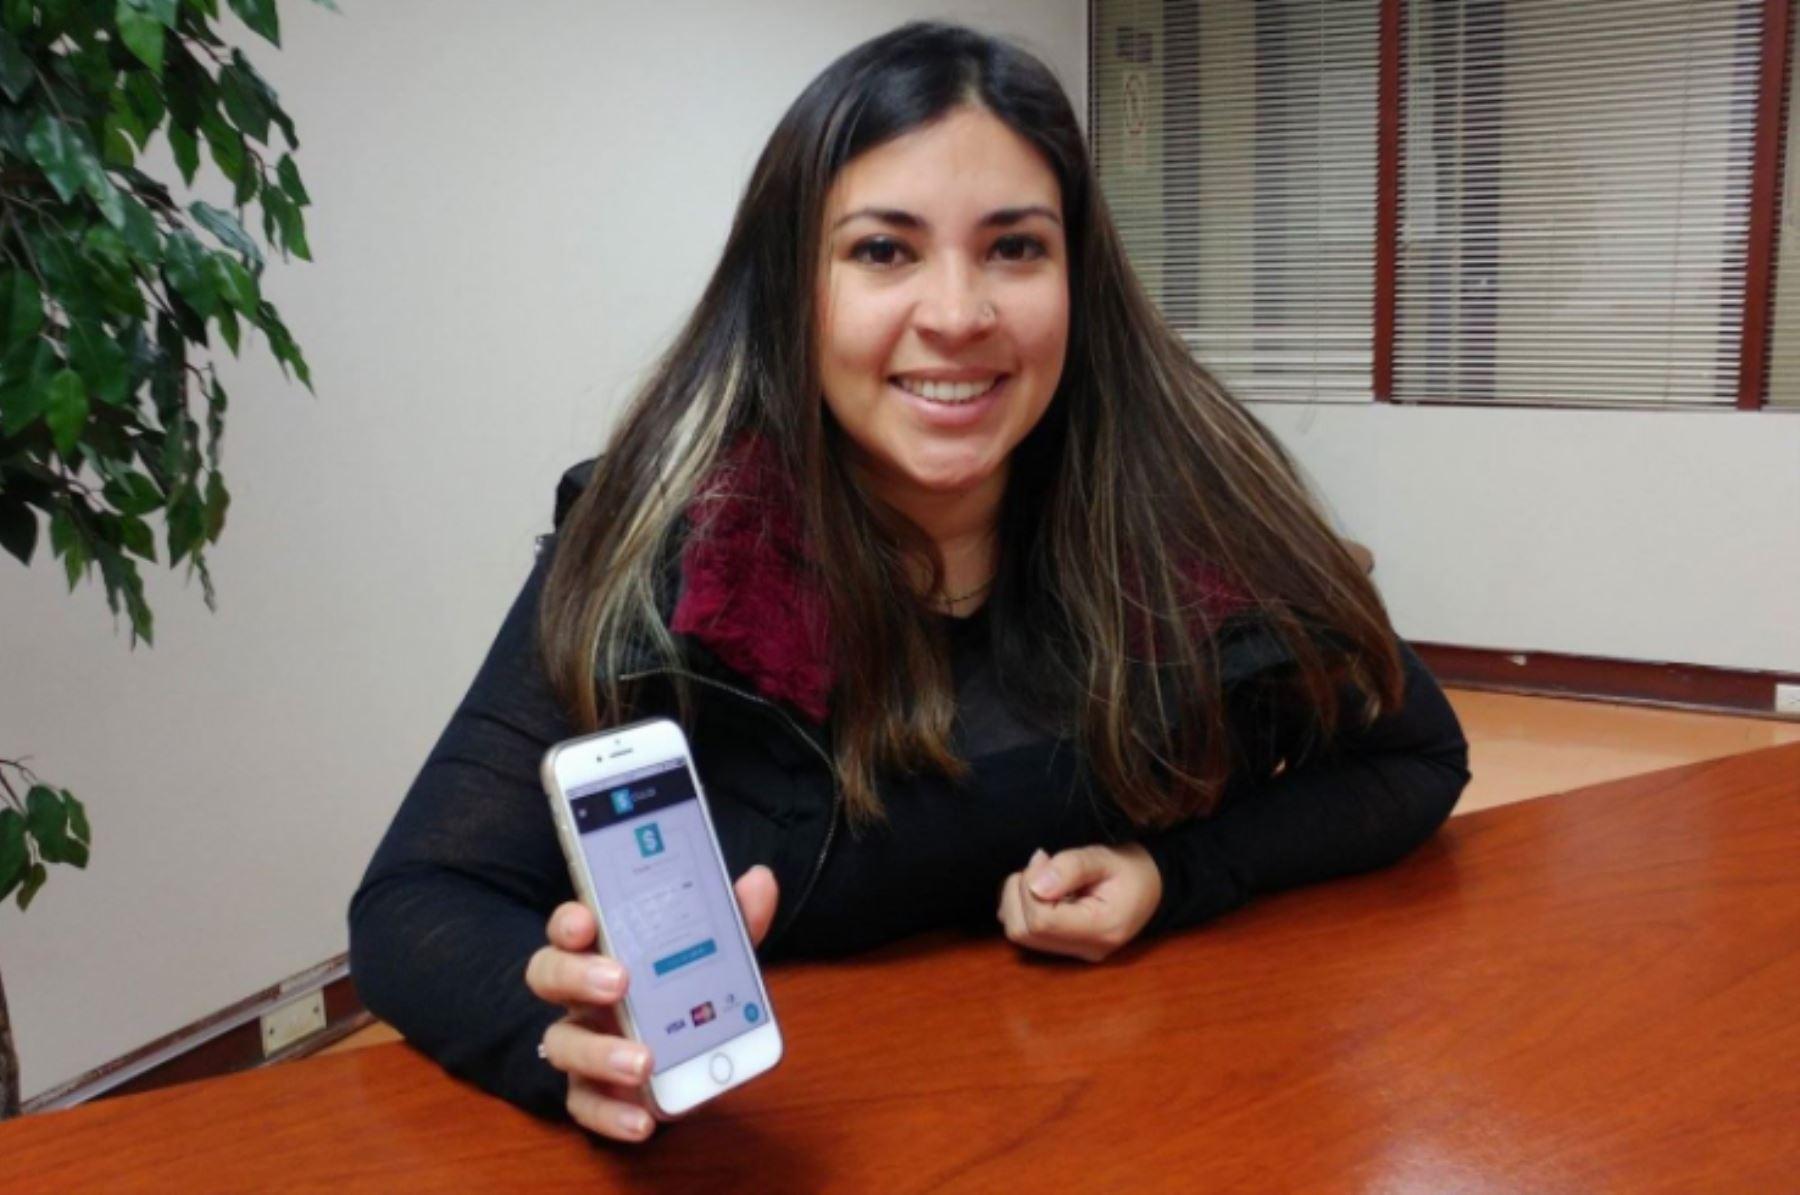 Participaron 200 emprendedoras de toda América Latina, y solo quedaron seis finalistas, entre ellas Nalvarte. (Foto: ANDINA/Archivo)